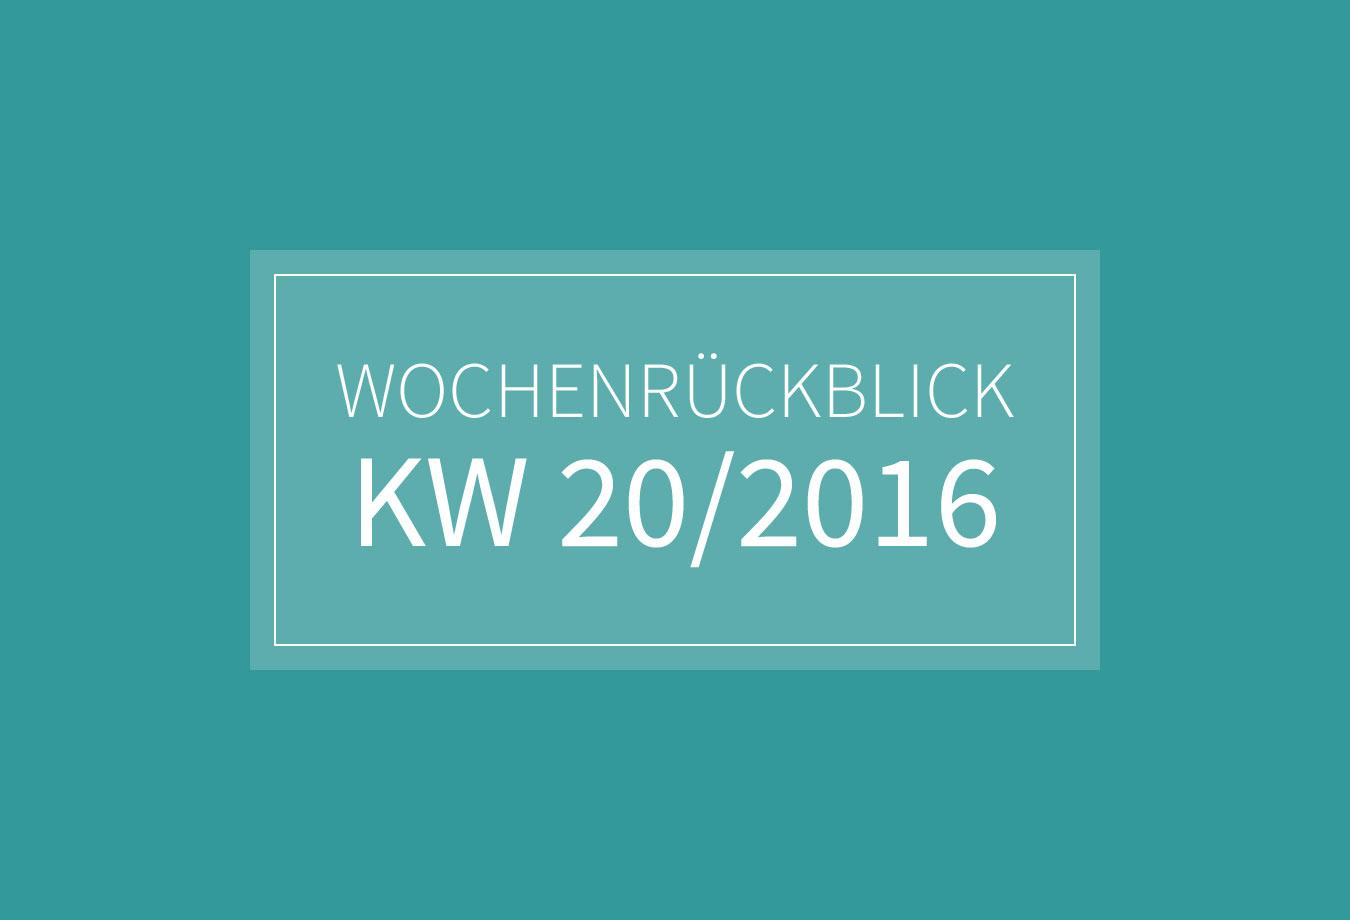 KW 20 - Wochenrückblick